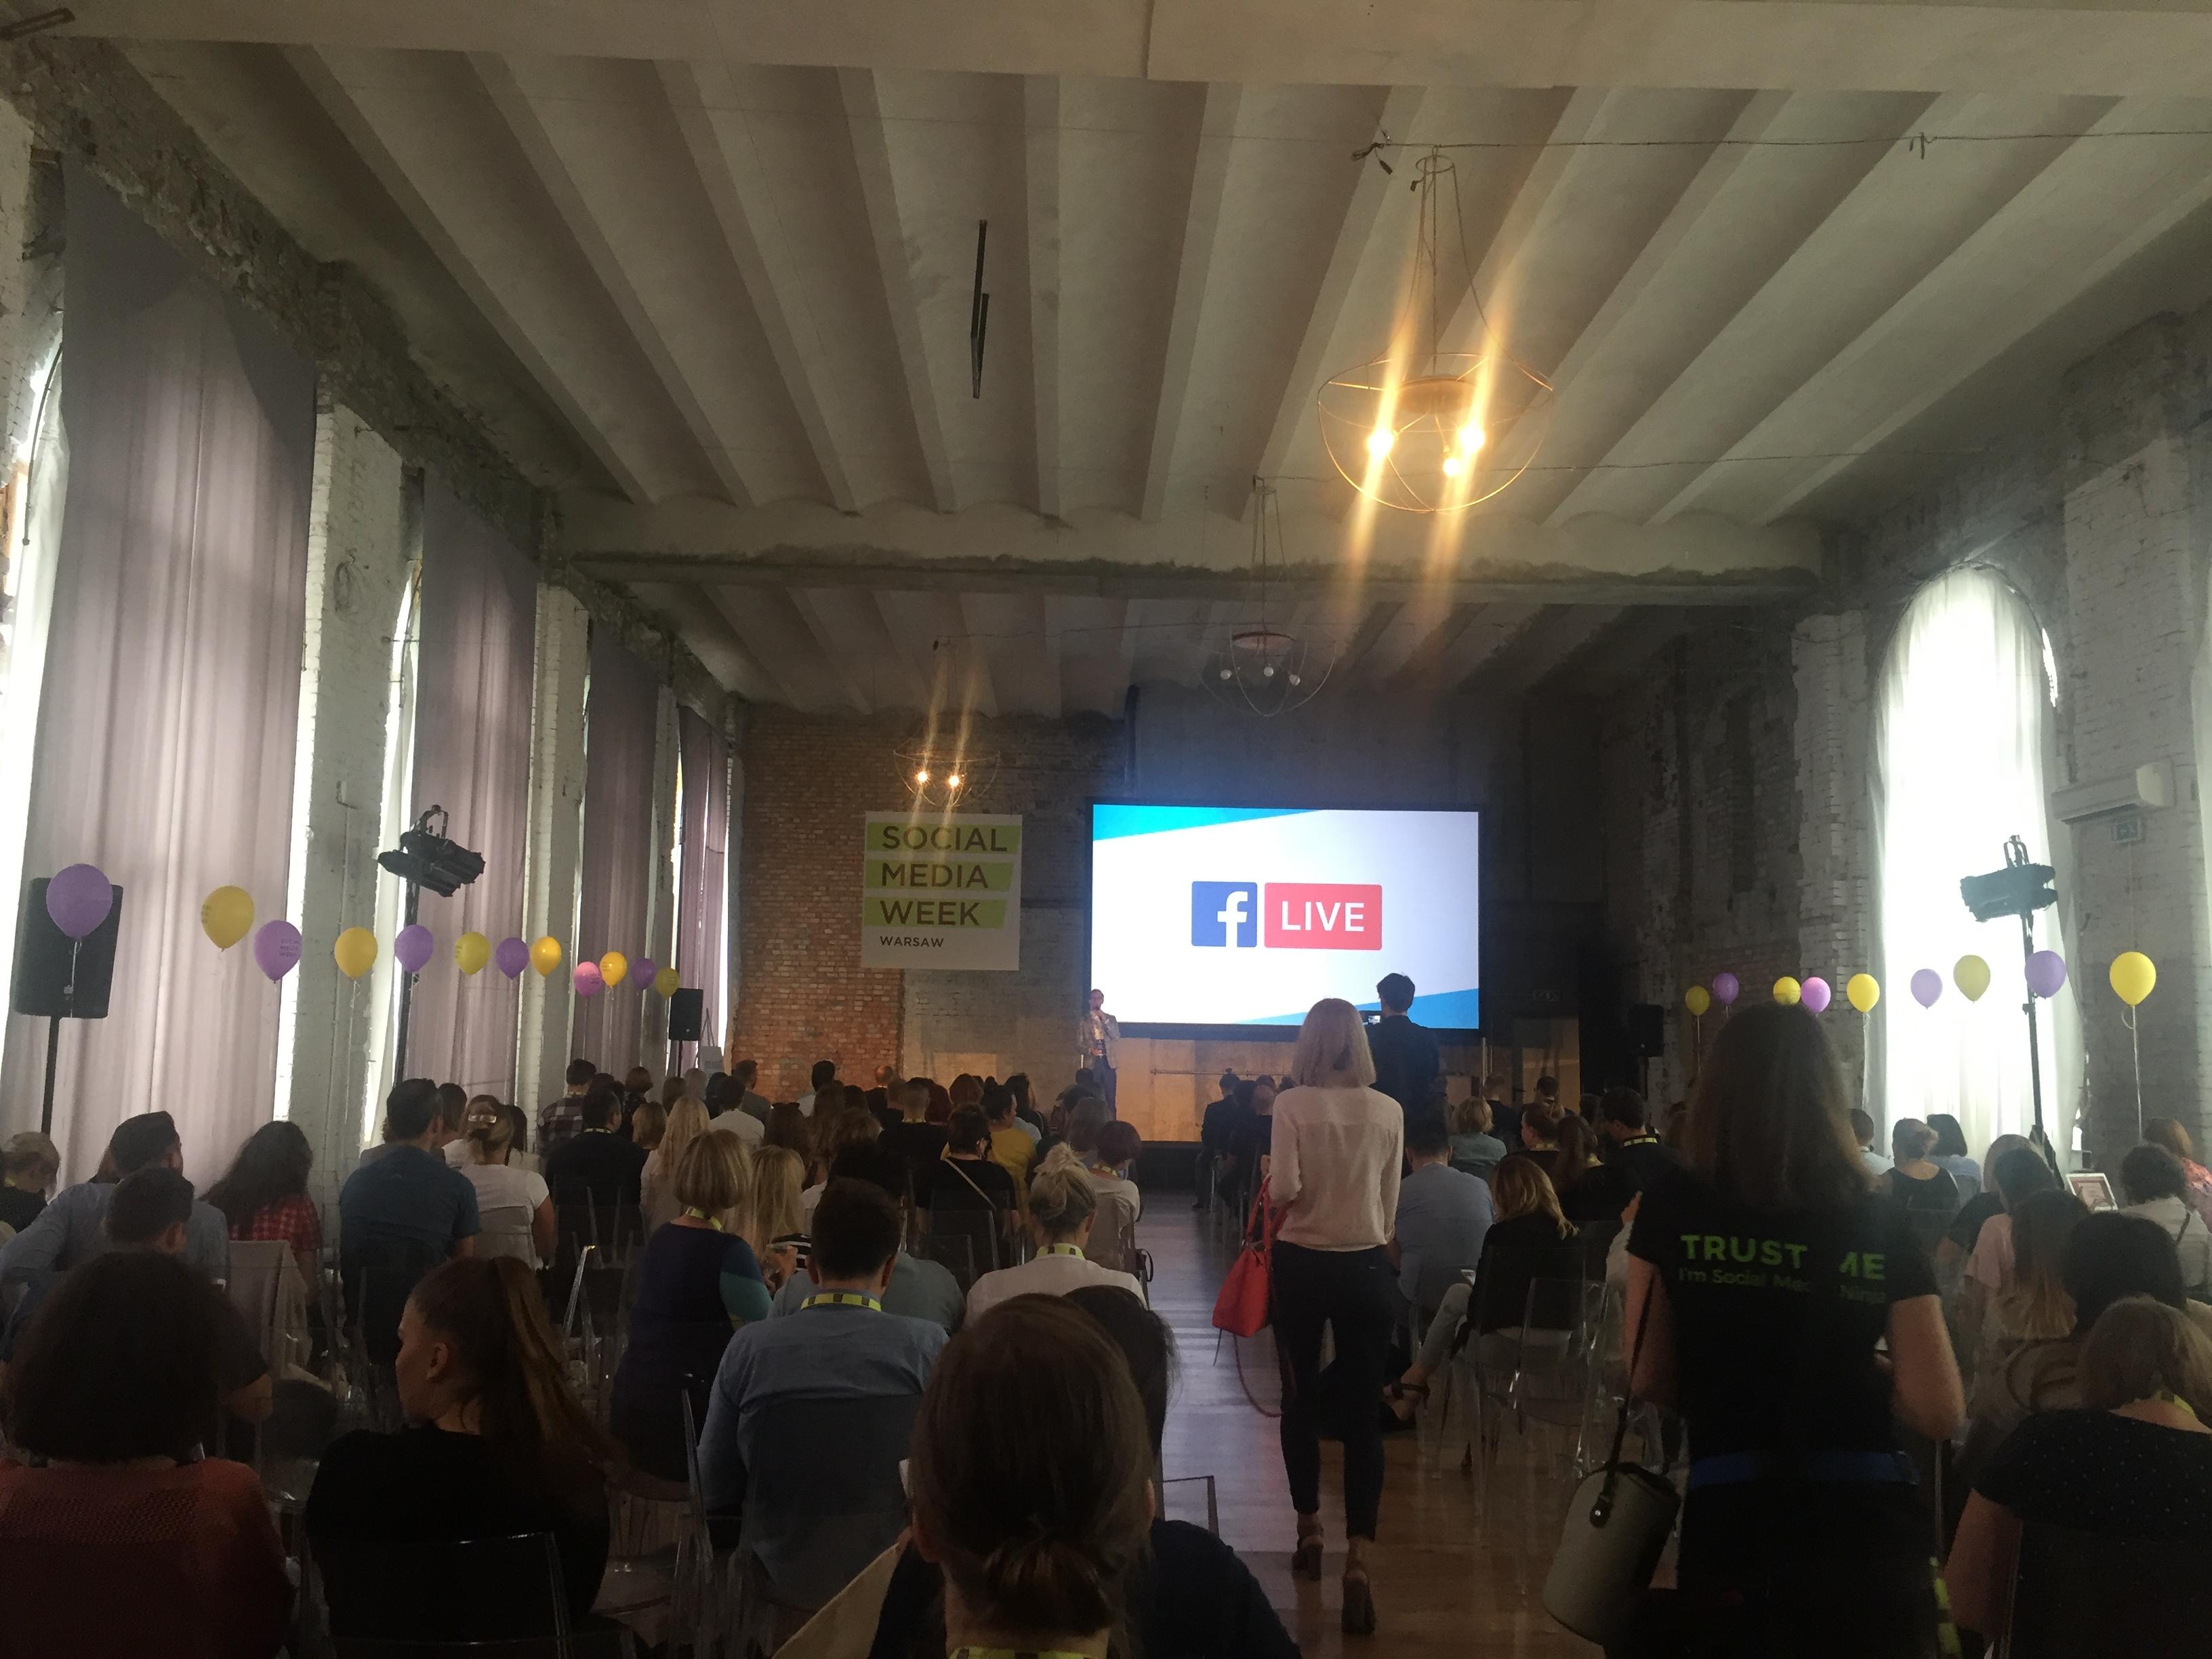 Social Media Week Warsaw Image